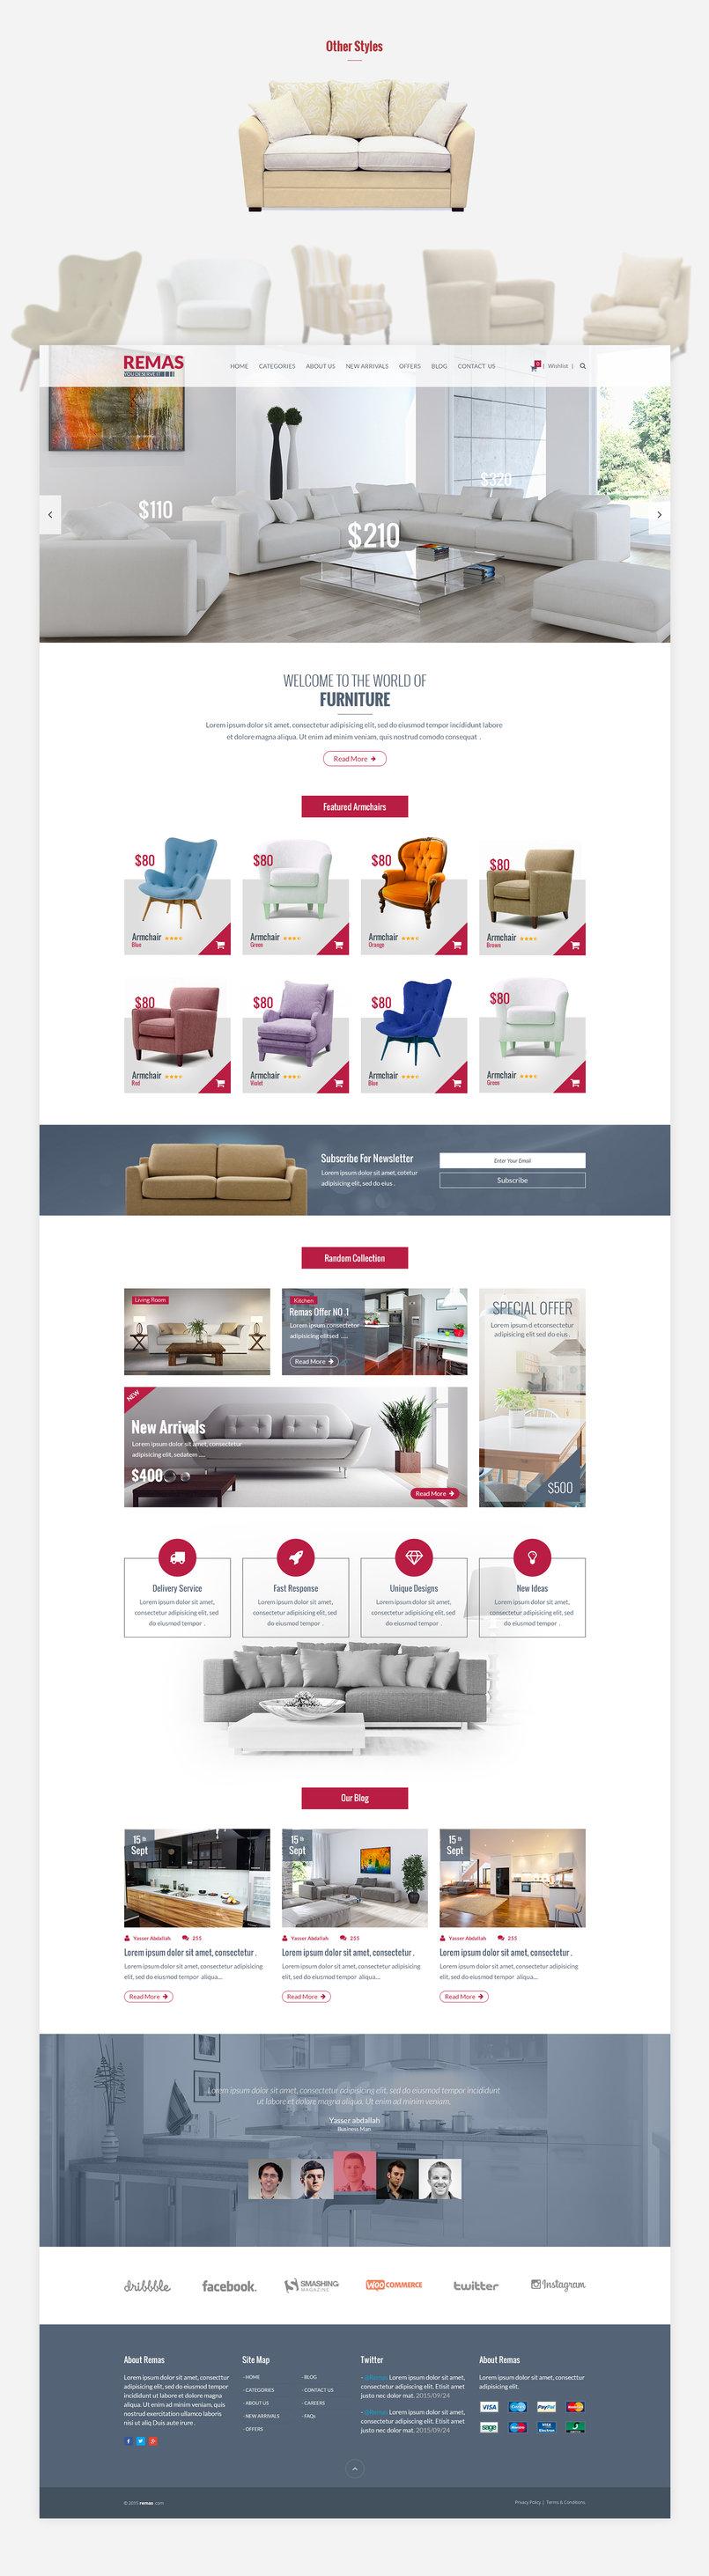 Remas Furniture PSD Template